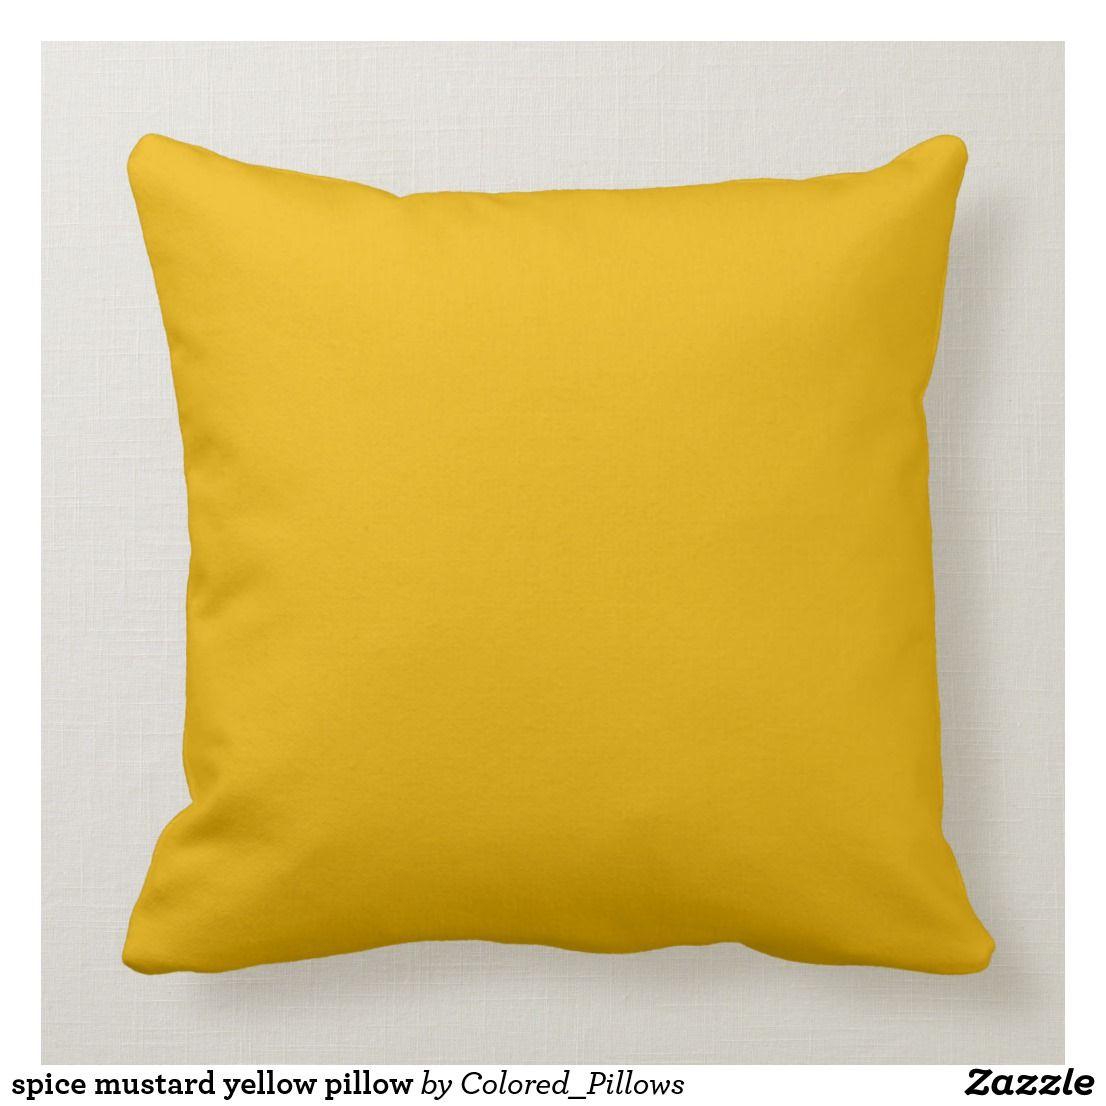 Spice Mustard Yellow Pillow Zazzle Com Bright Yellow Pillows Yellow Pillows Yellow Throw Pillows